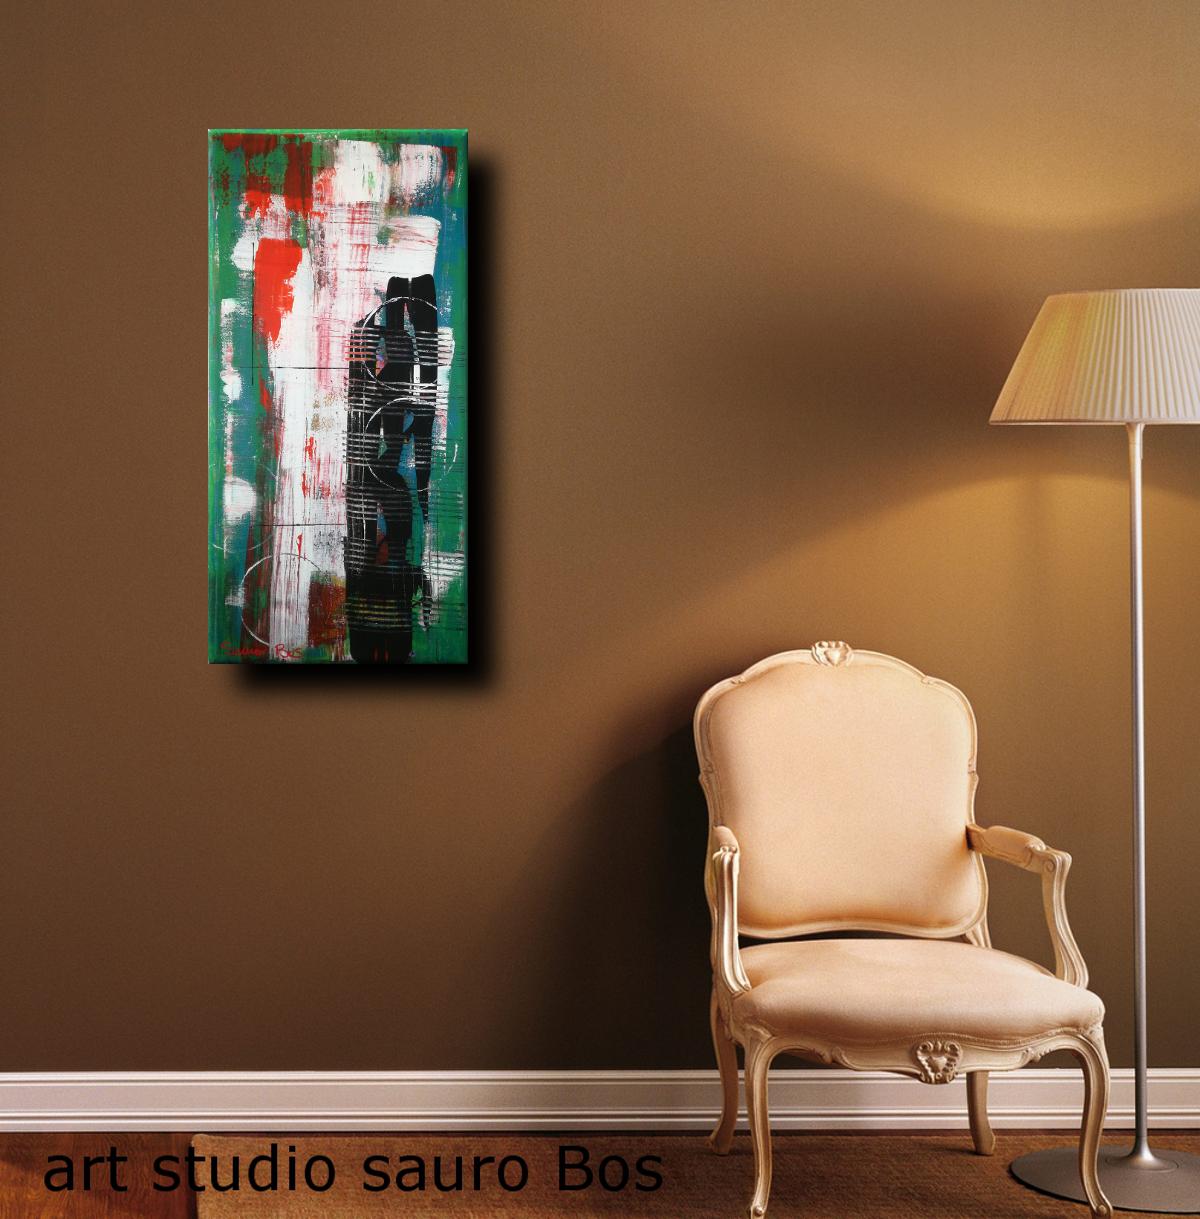 astratto c031sed - dipinti astratti fatti a mano 70x35olio su tela